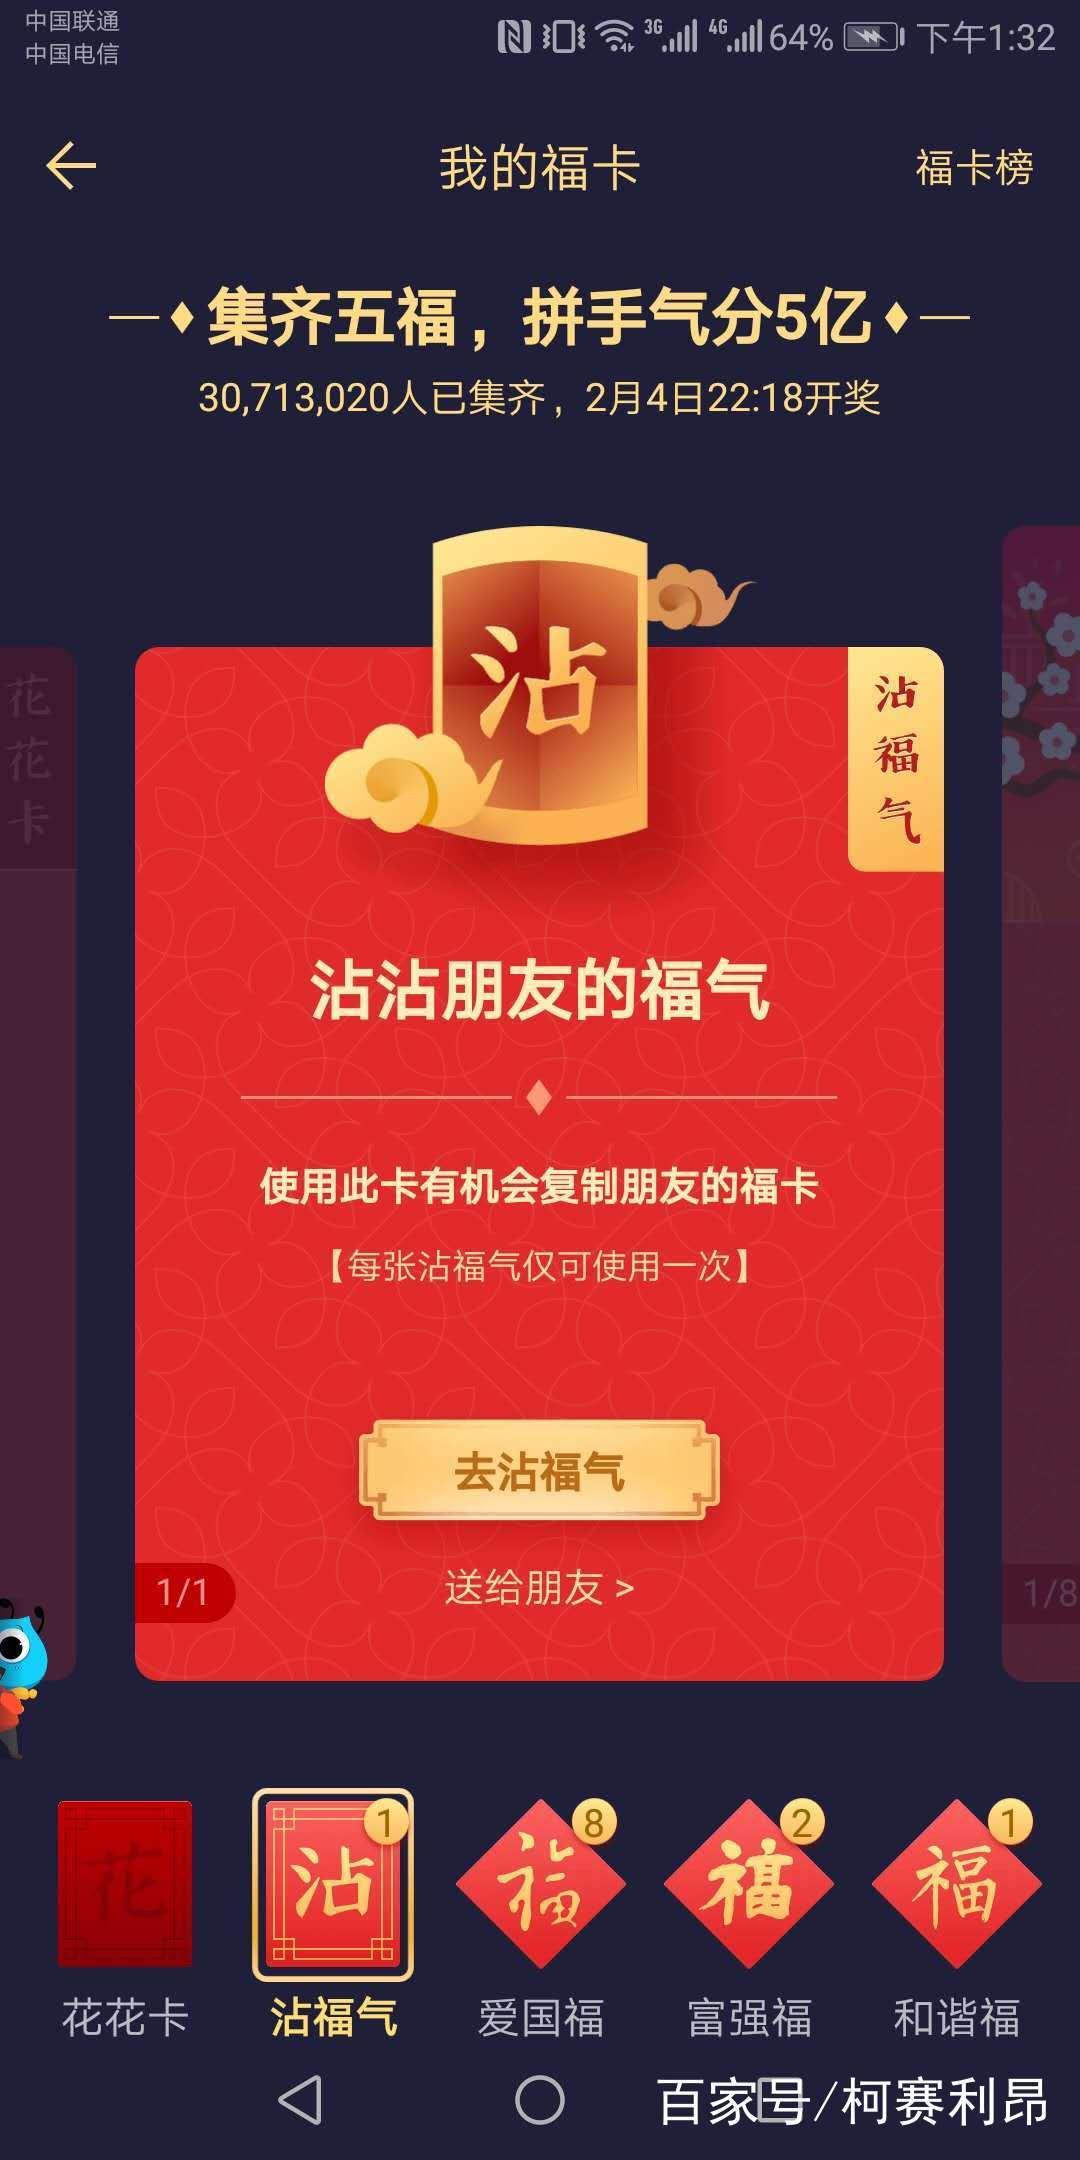 沾福卡上线每天10张福卡领取教程 2019花花卡敬业福高清图片分享